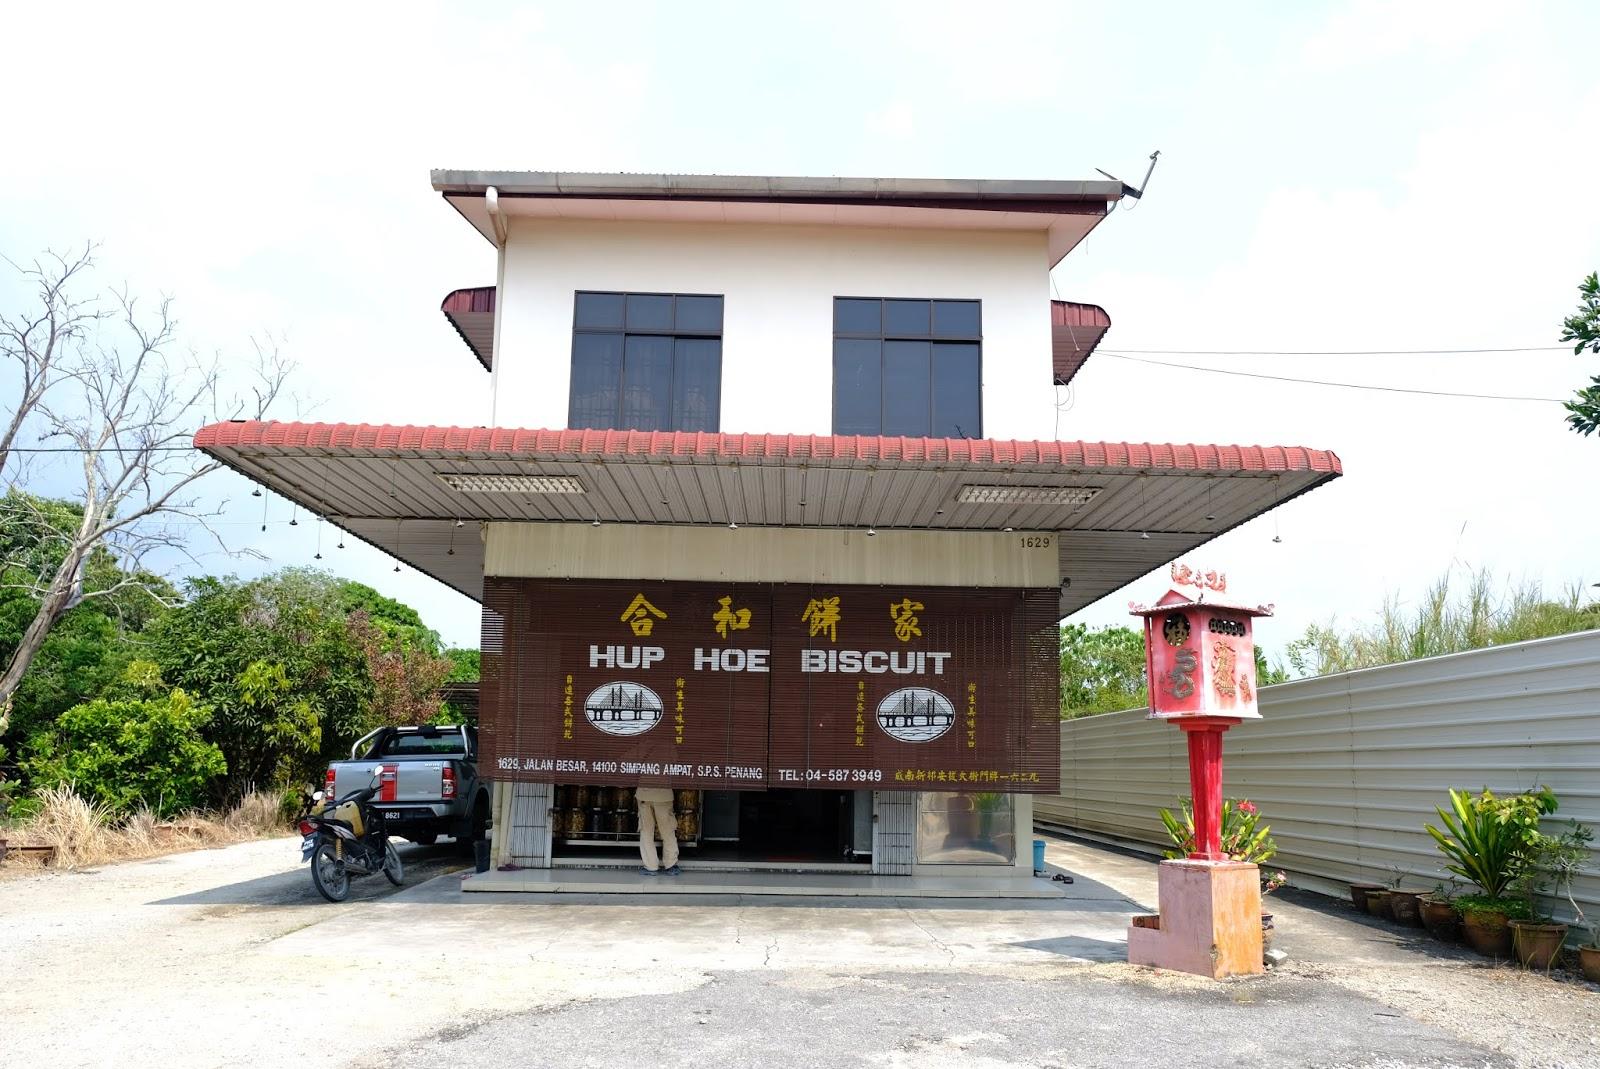 Hup Hoe Biscuit at Simpang Ampat, Penang